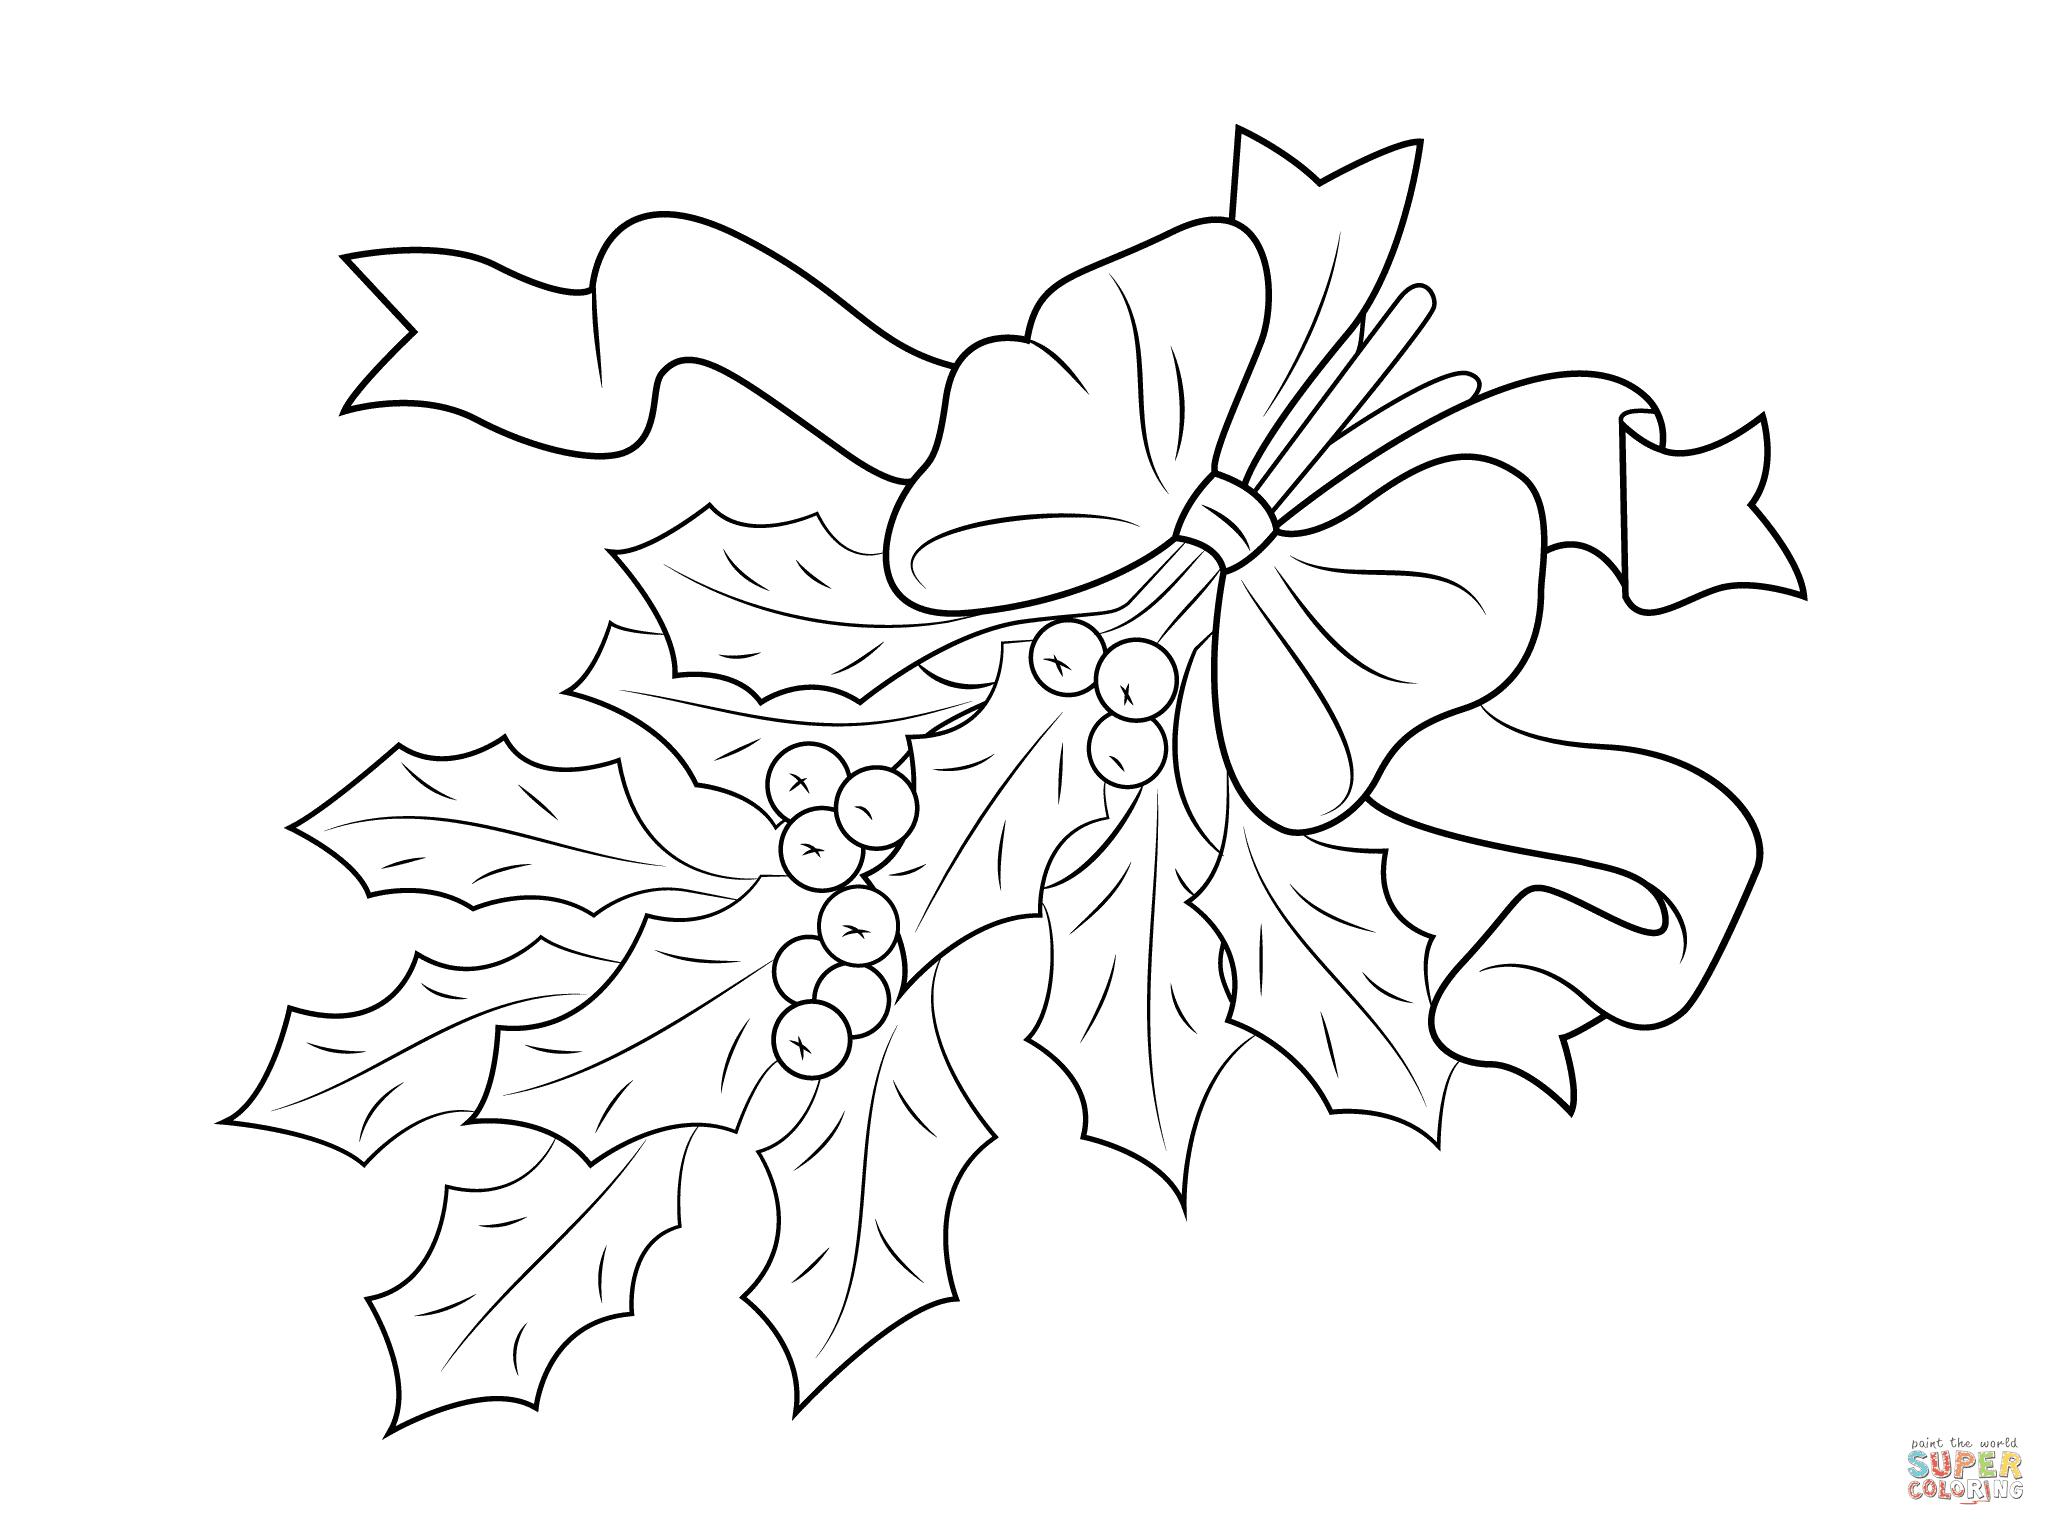 Dibujo De Acebo De Navidad Con Lazo Para Colorear Dibujos Para